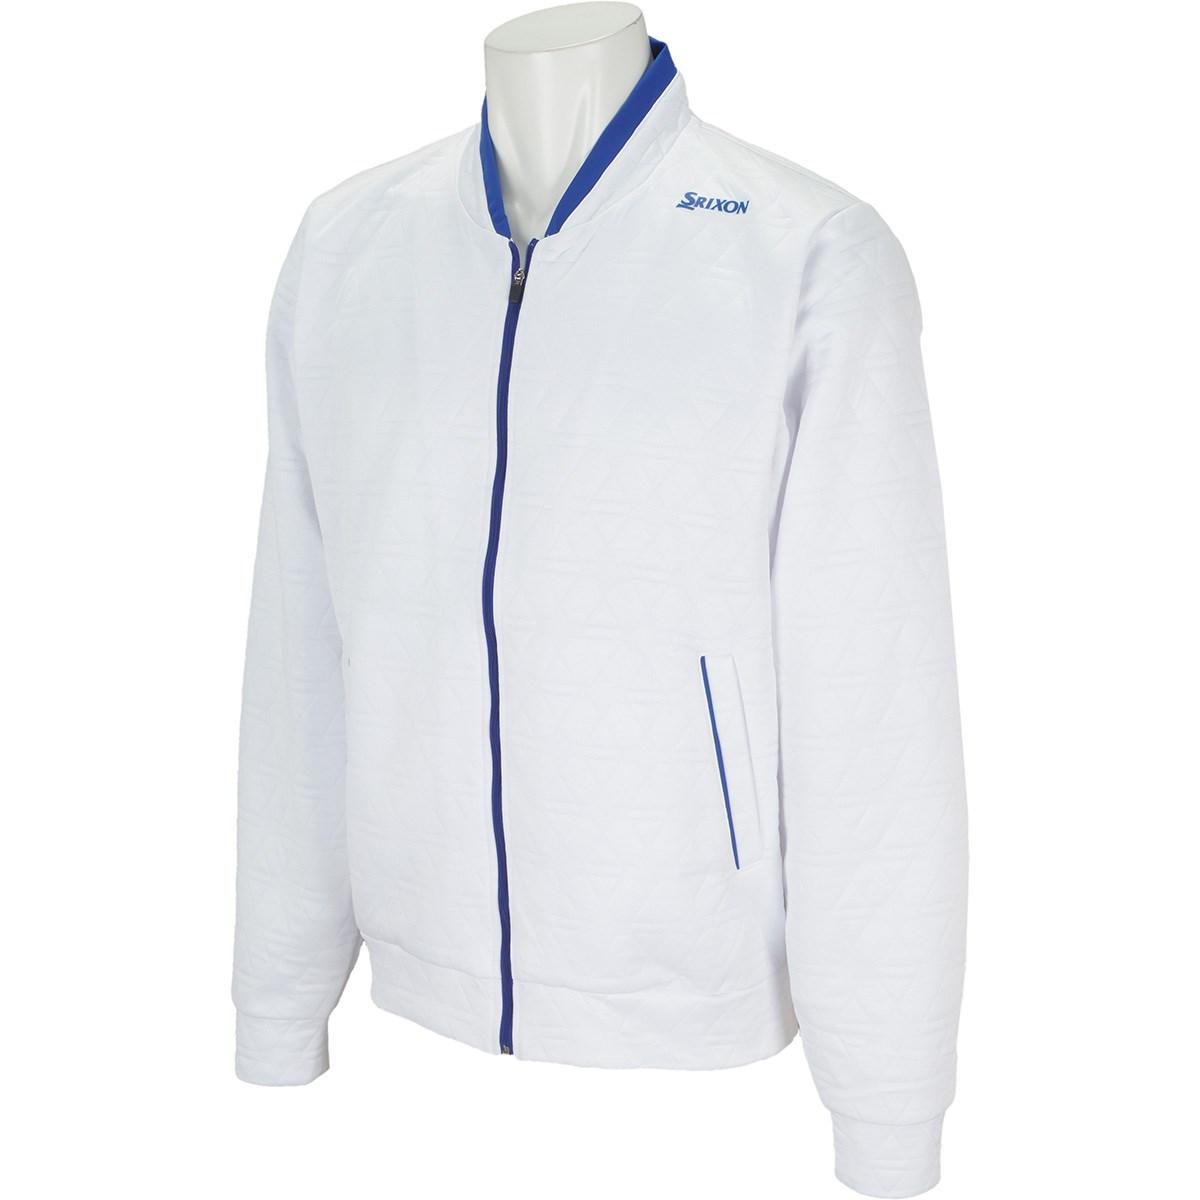 スリクソンゴルフ SRIXON クロスニットキルトデザインジャケット 3L ホワイト 00